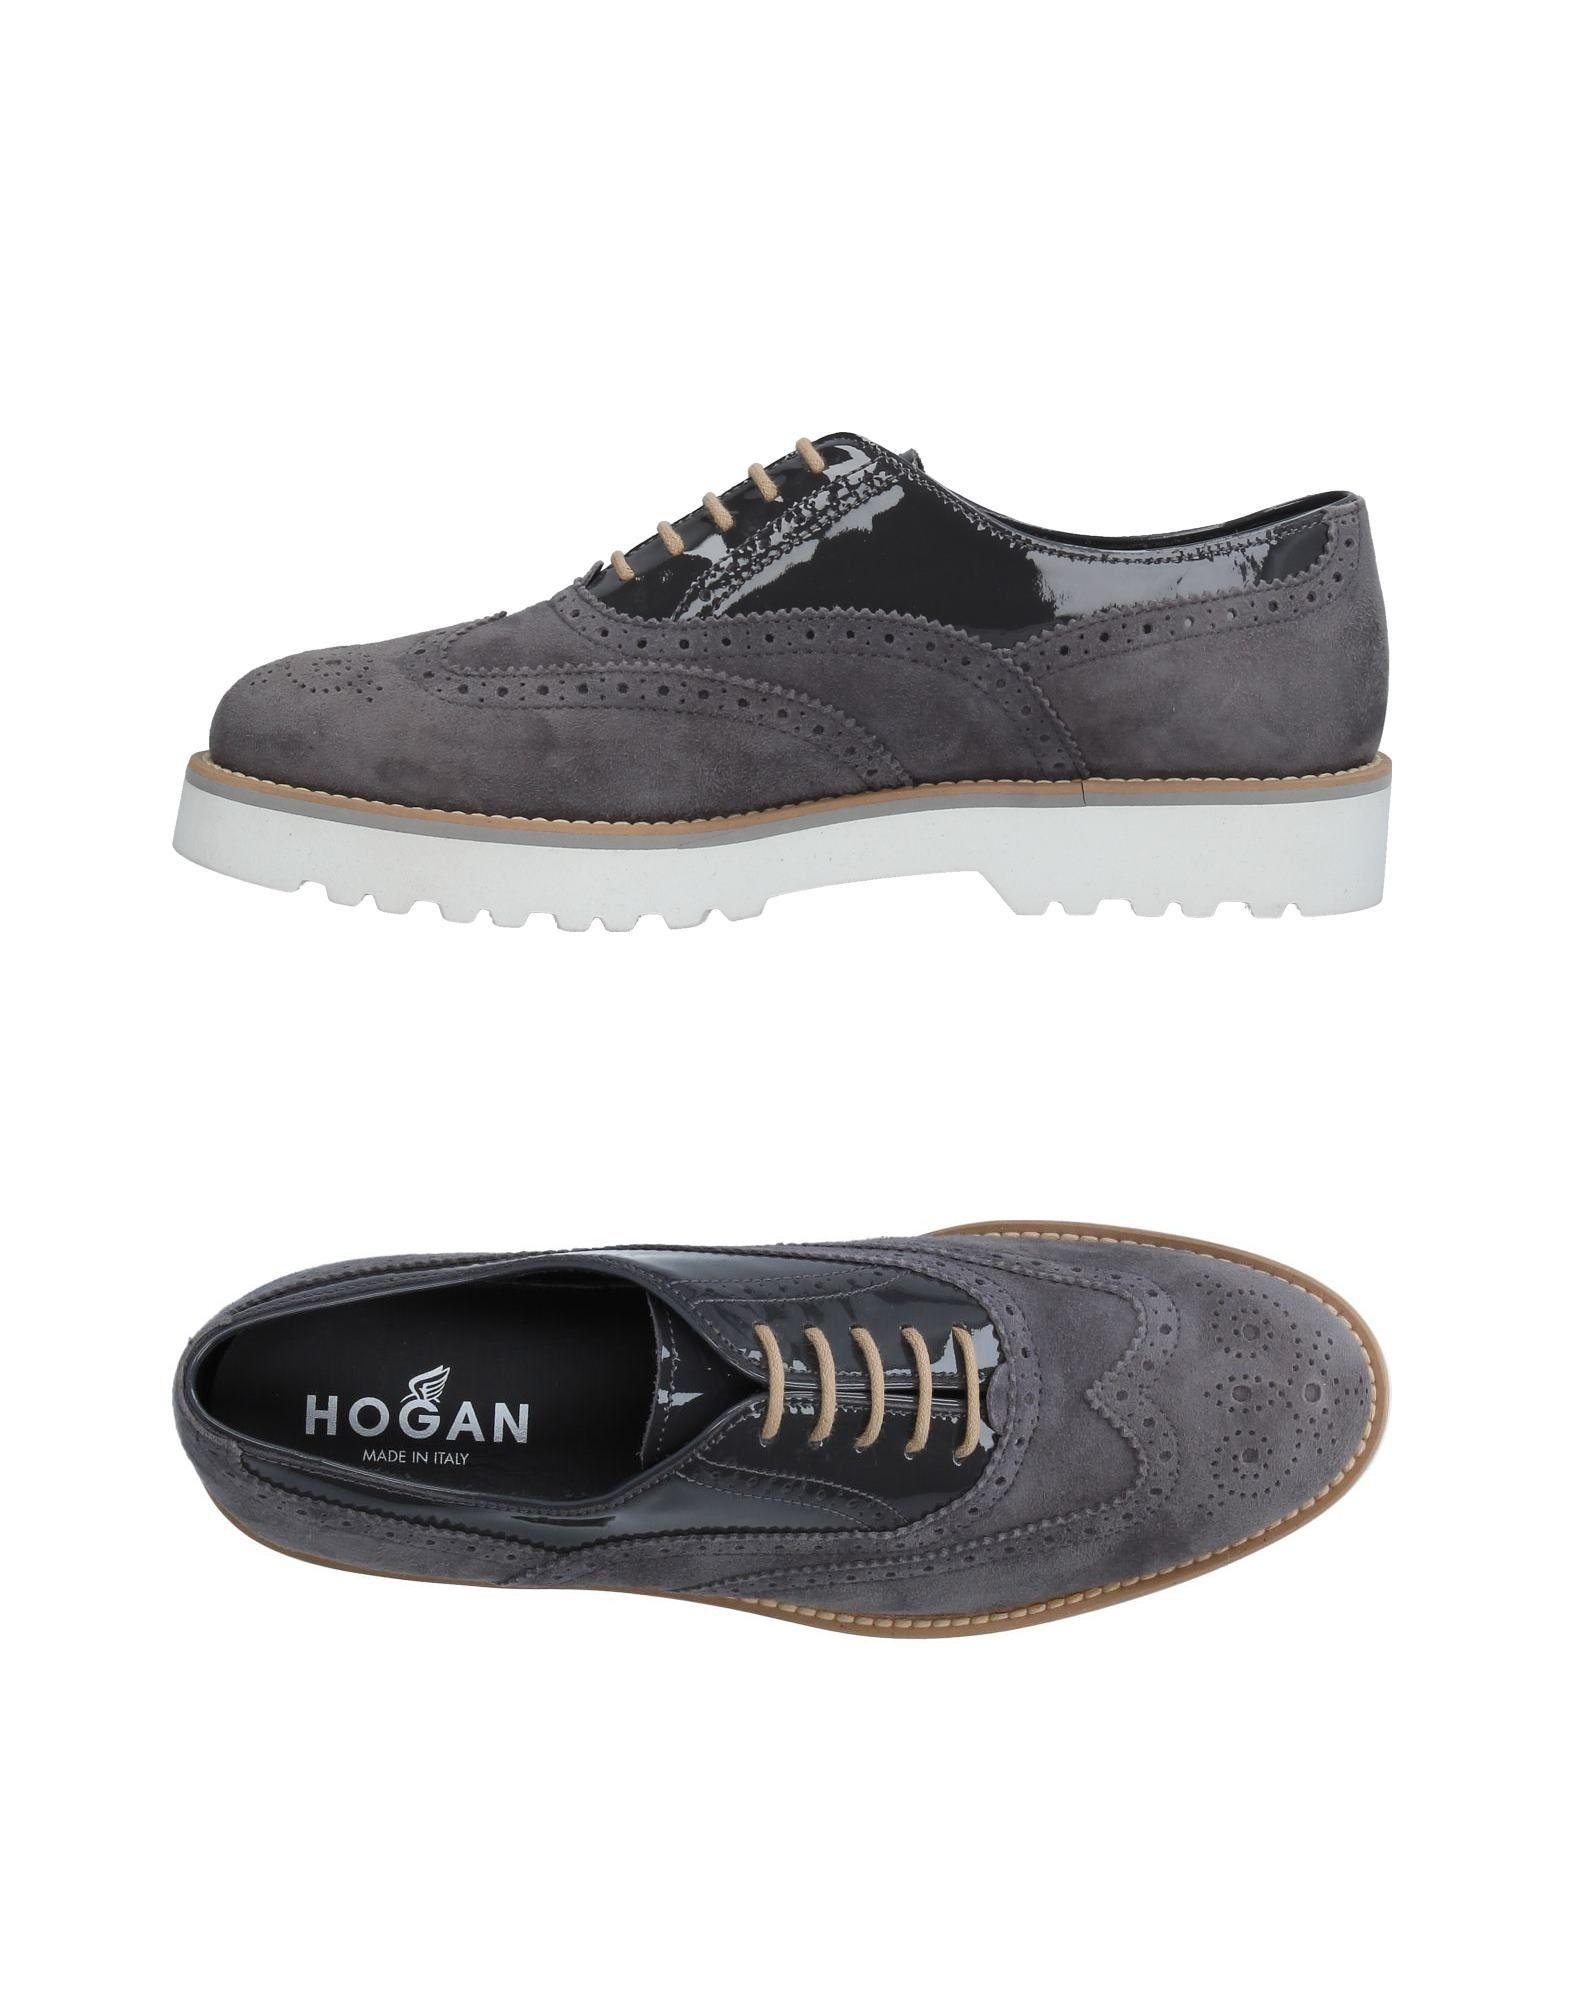 Moda 11230189KD Stringate Hogan Donna - 11230189KD Moda c4dcb3